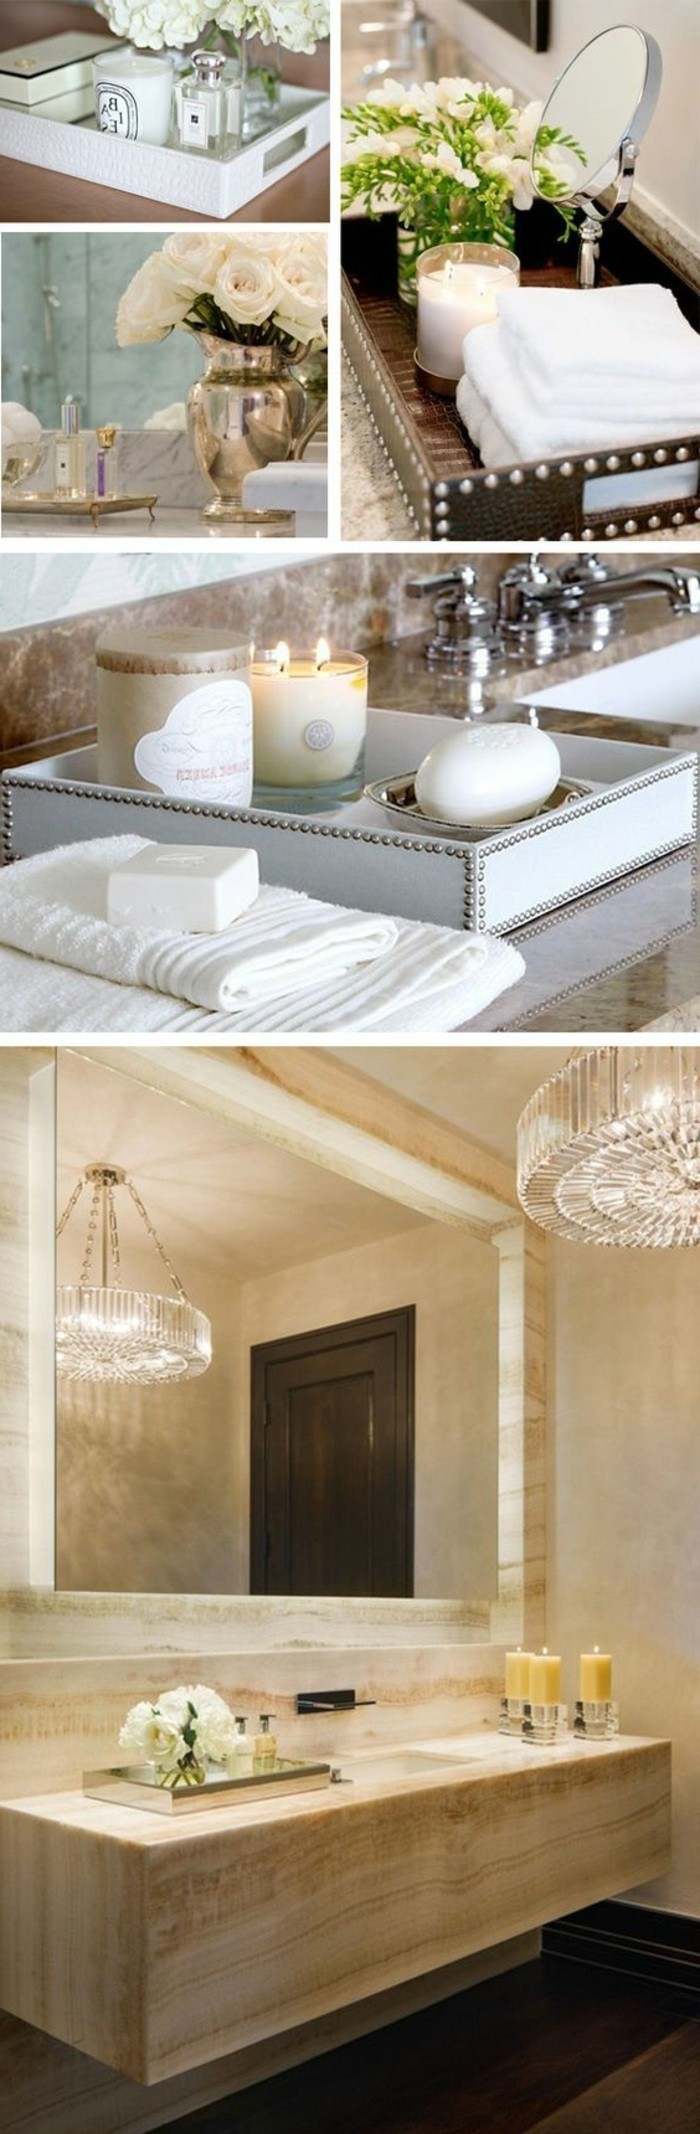 3-badezimmer-deko-moderne-bader-accessoires-und-dekorationen-groser-kronleuchter-aus-kristall